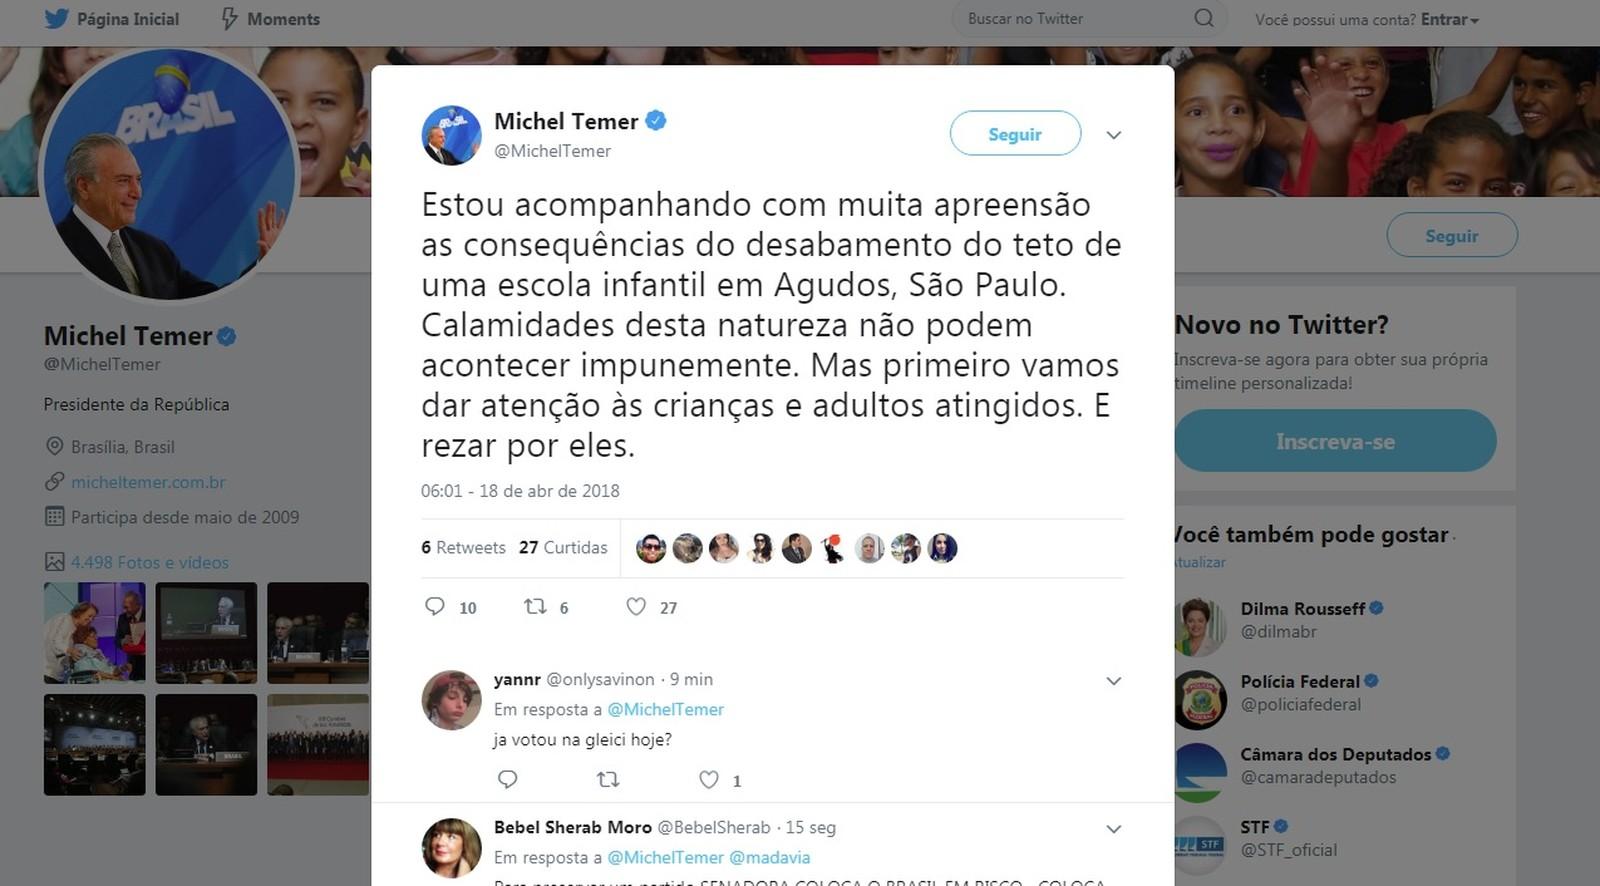 O presidente usou sua conta no Twitter para se solidarizar com as vítimas